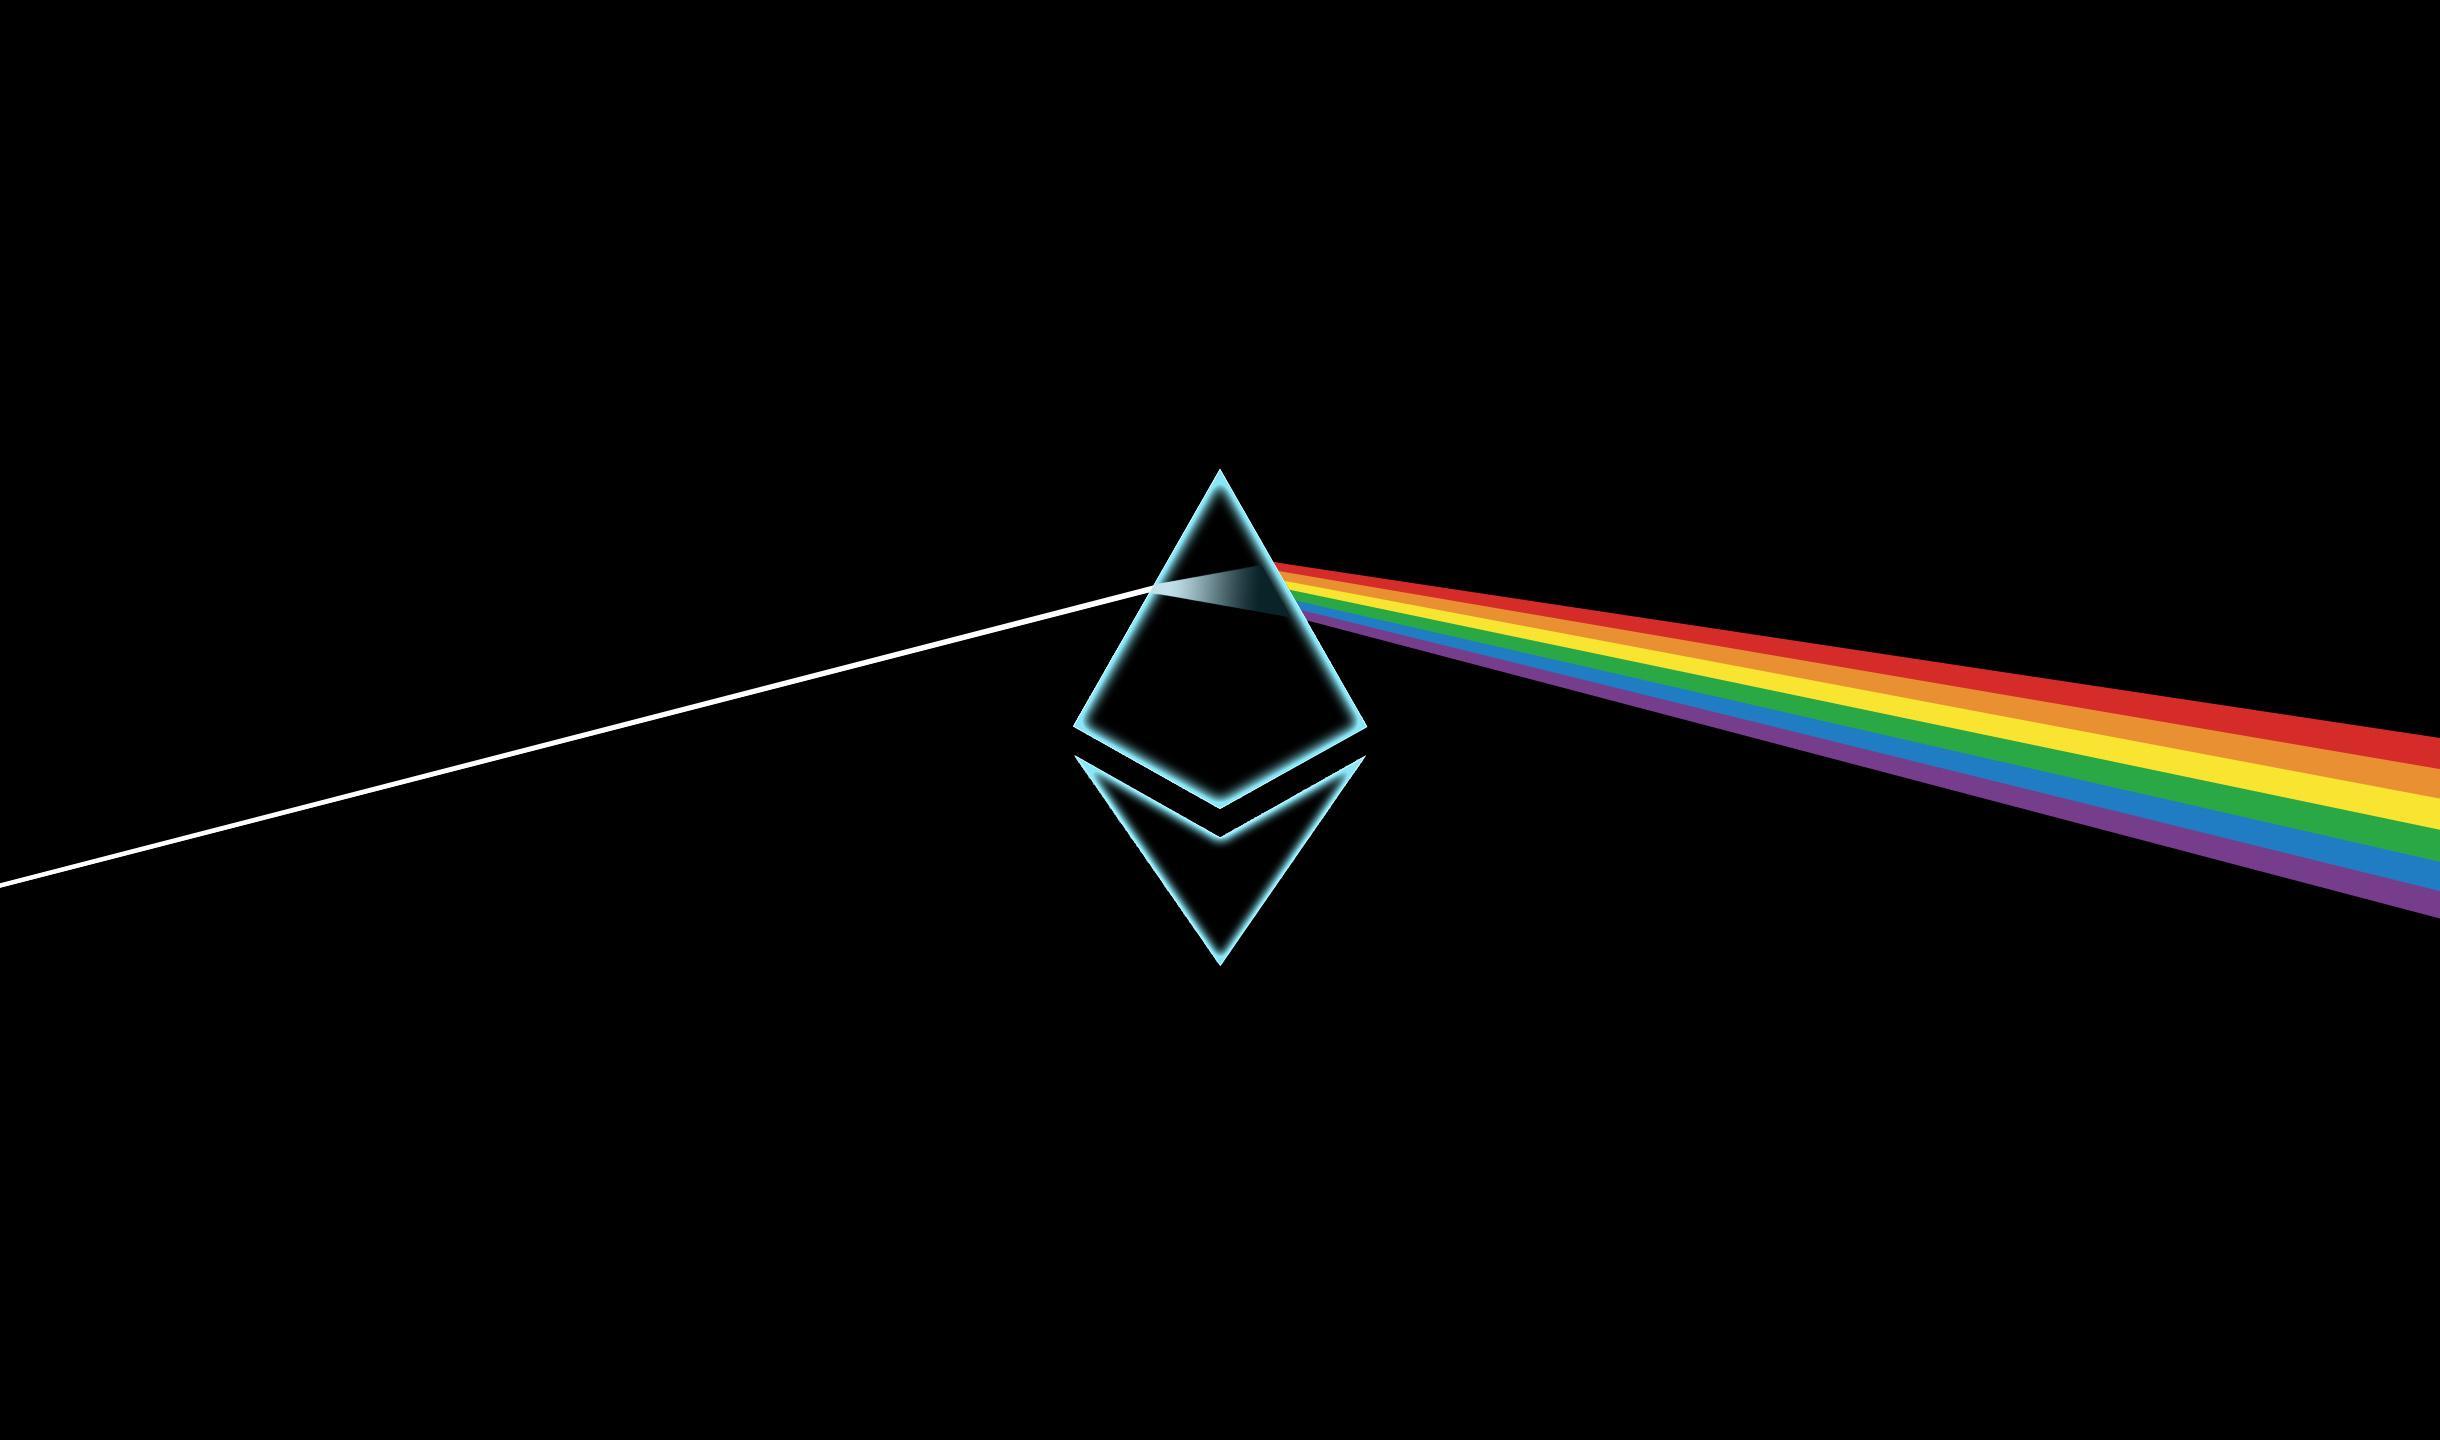 A négy nagy könyvvizsgáló Ethereum 3 I Cryptofalka